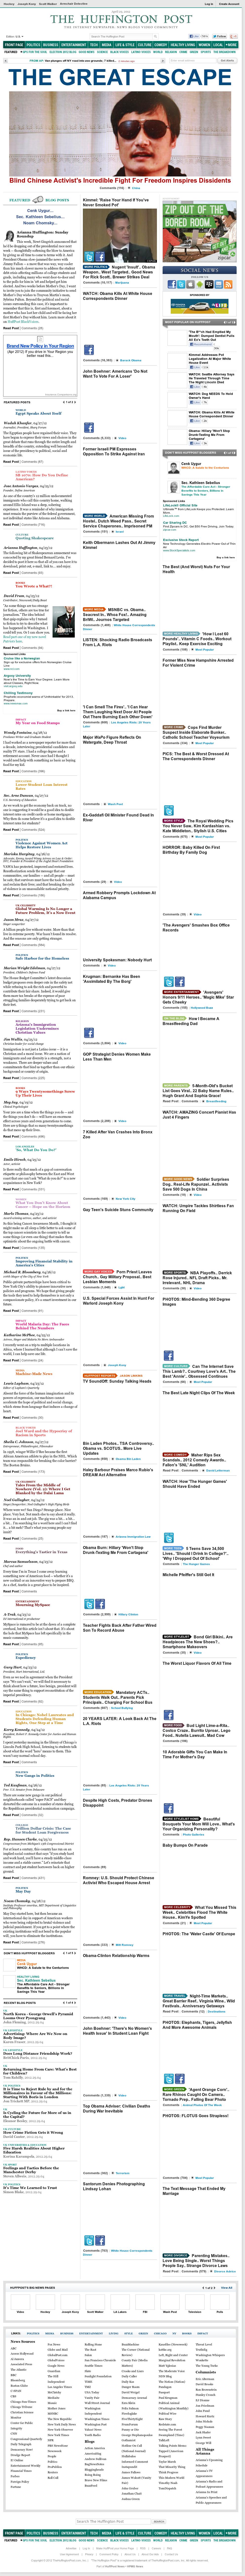 The Huffington Post at Sunday April 29, 2012, 11:14 p.m. UTC